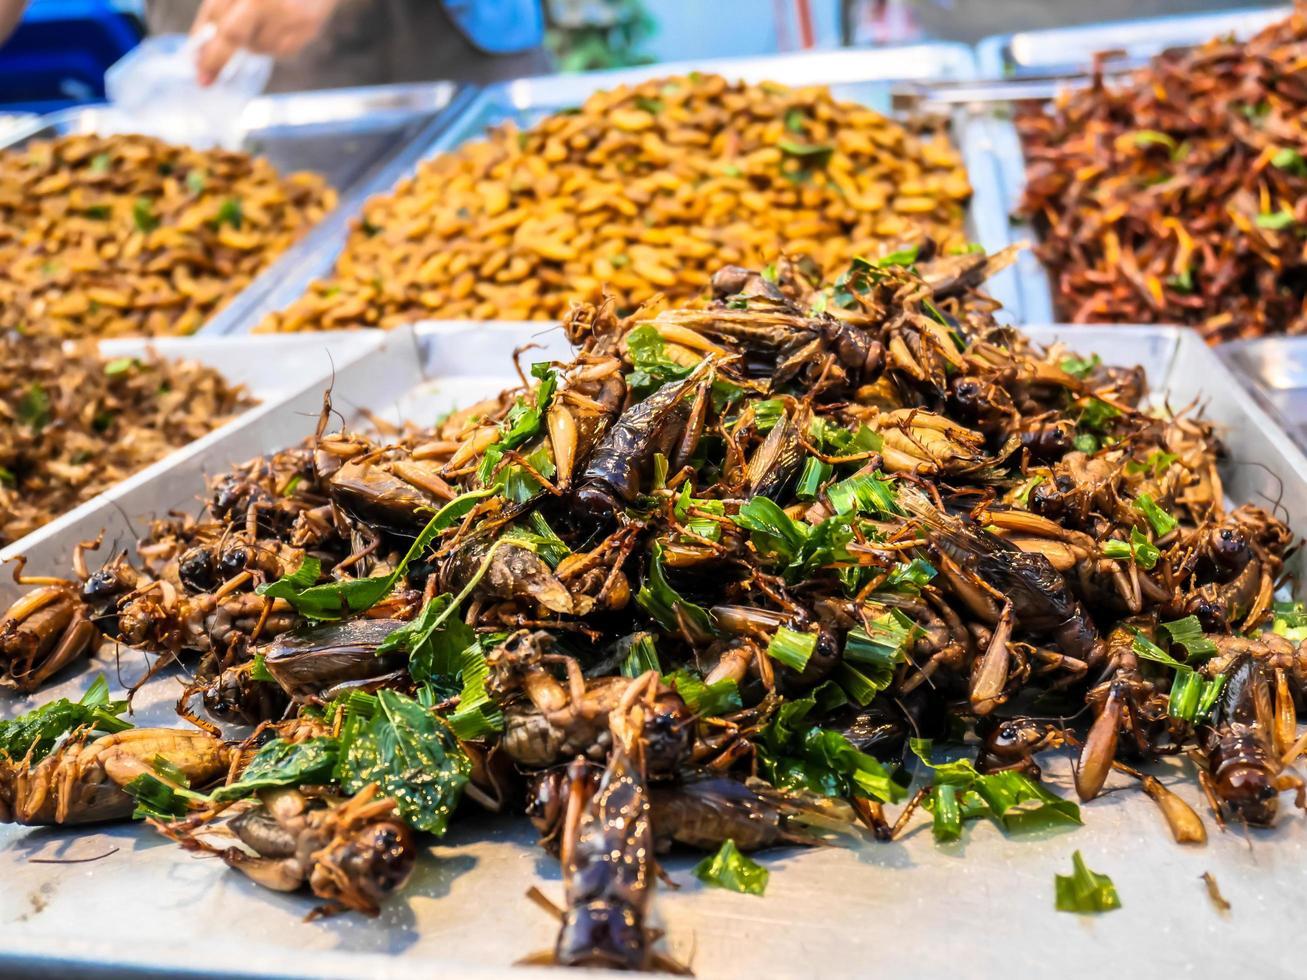 insectes frits dans la nourriture de rue du marché de nuit de la thaïlande photo